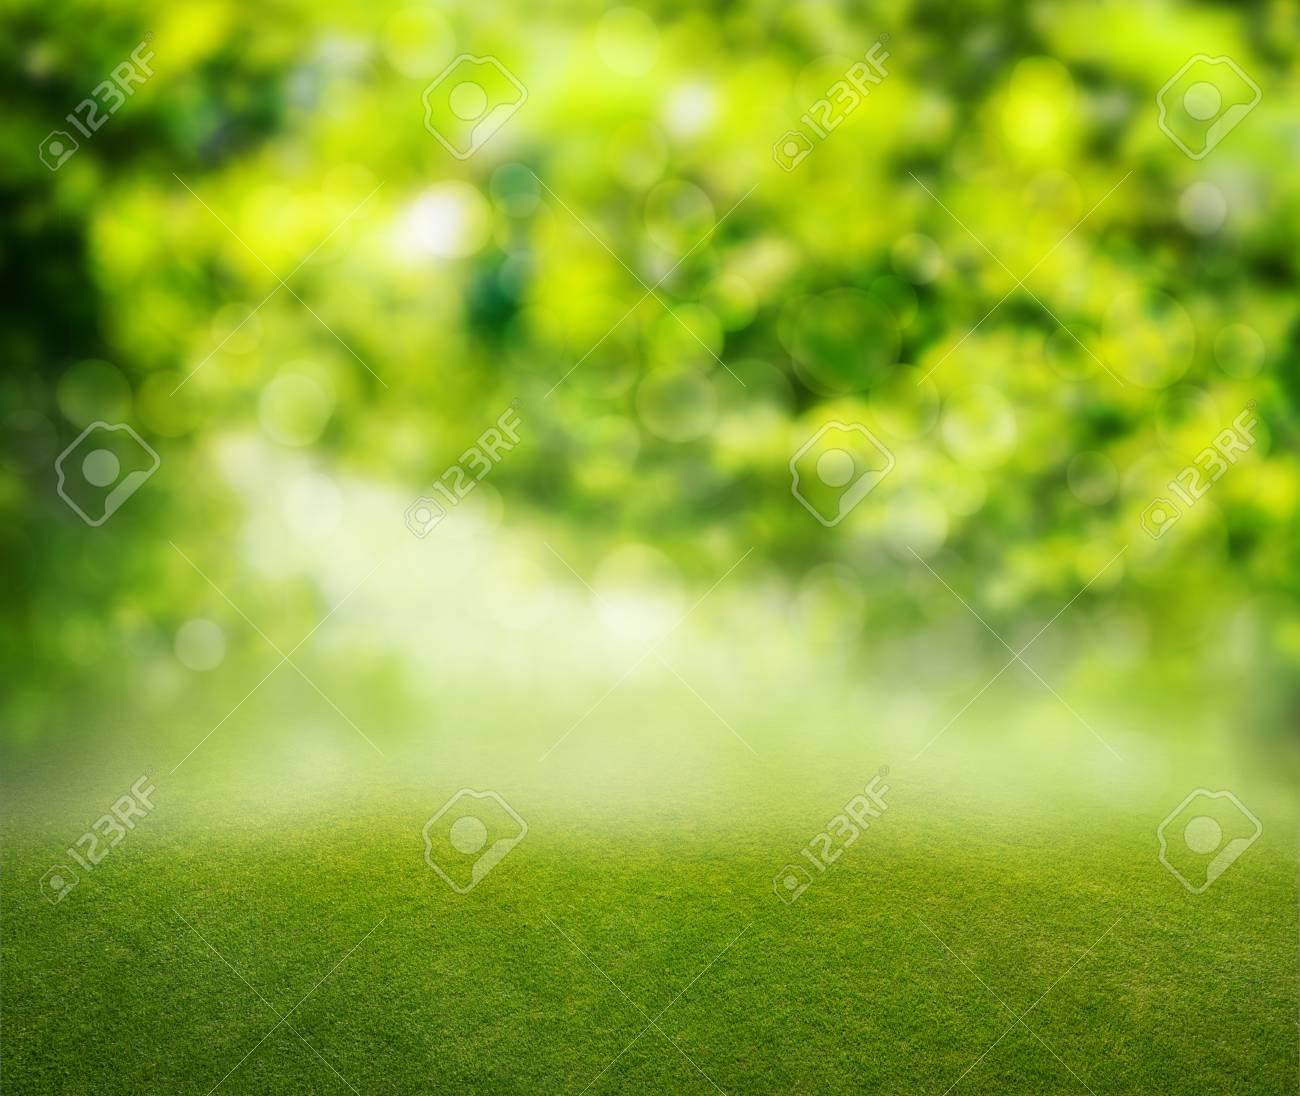 grass background - 34293669